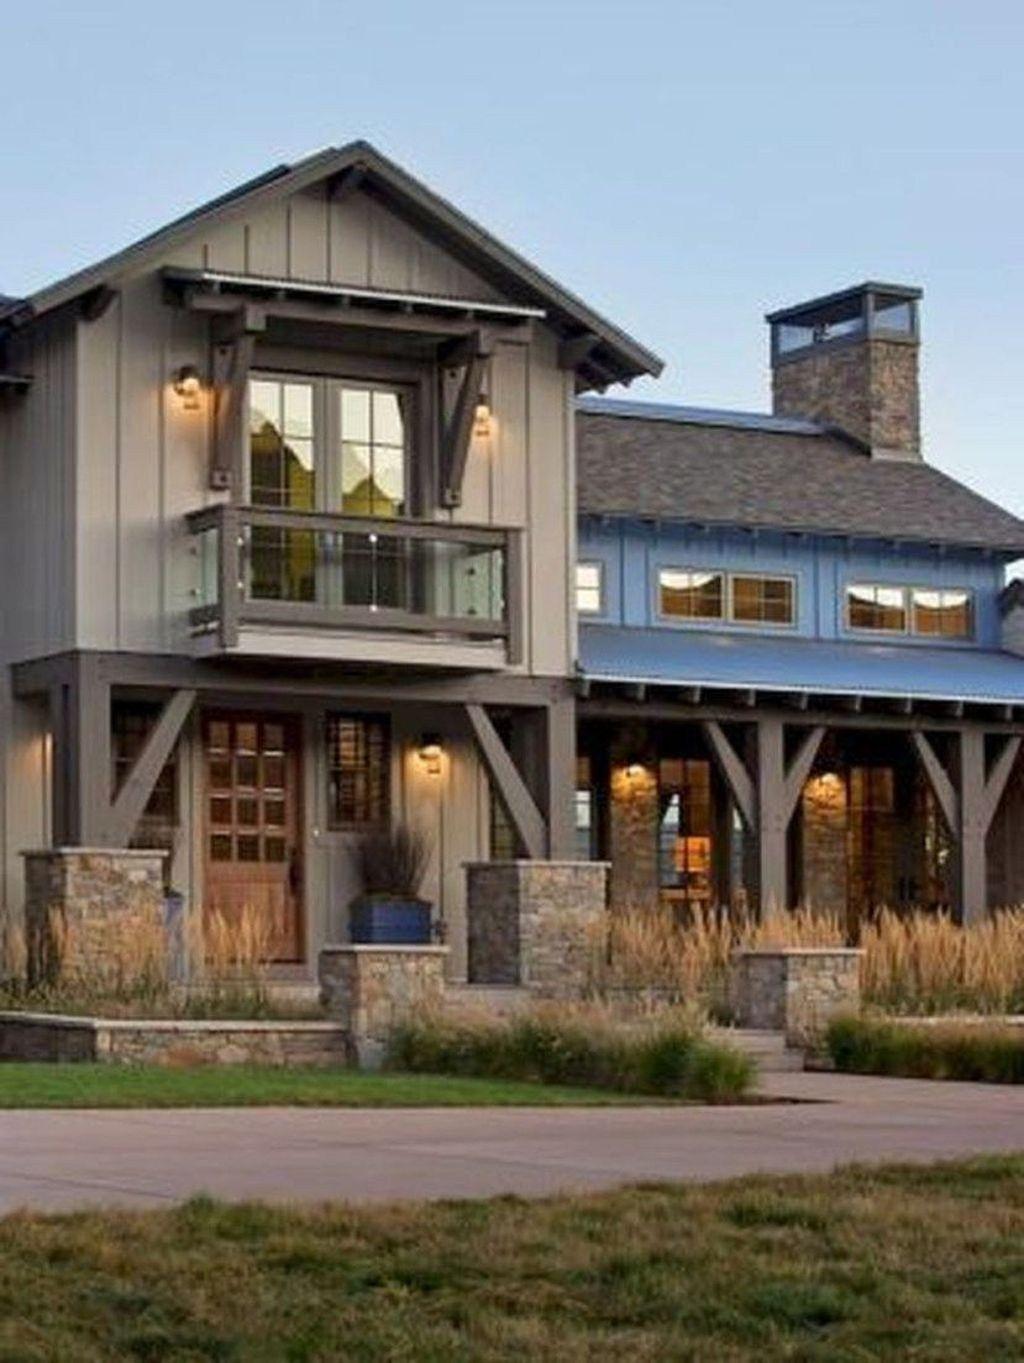 inspiring farmhouse exterior design ideas for your home 12 beach rh pinterest com